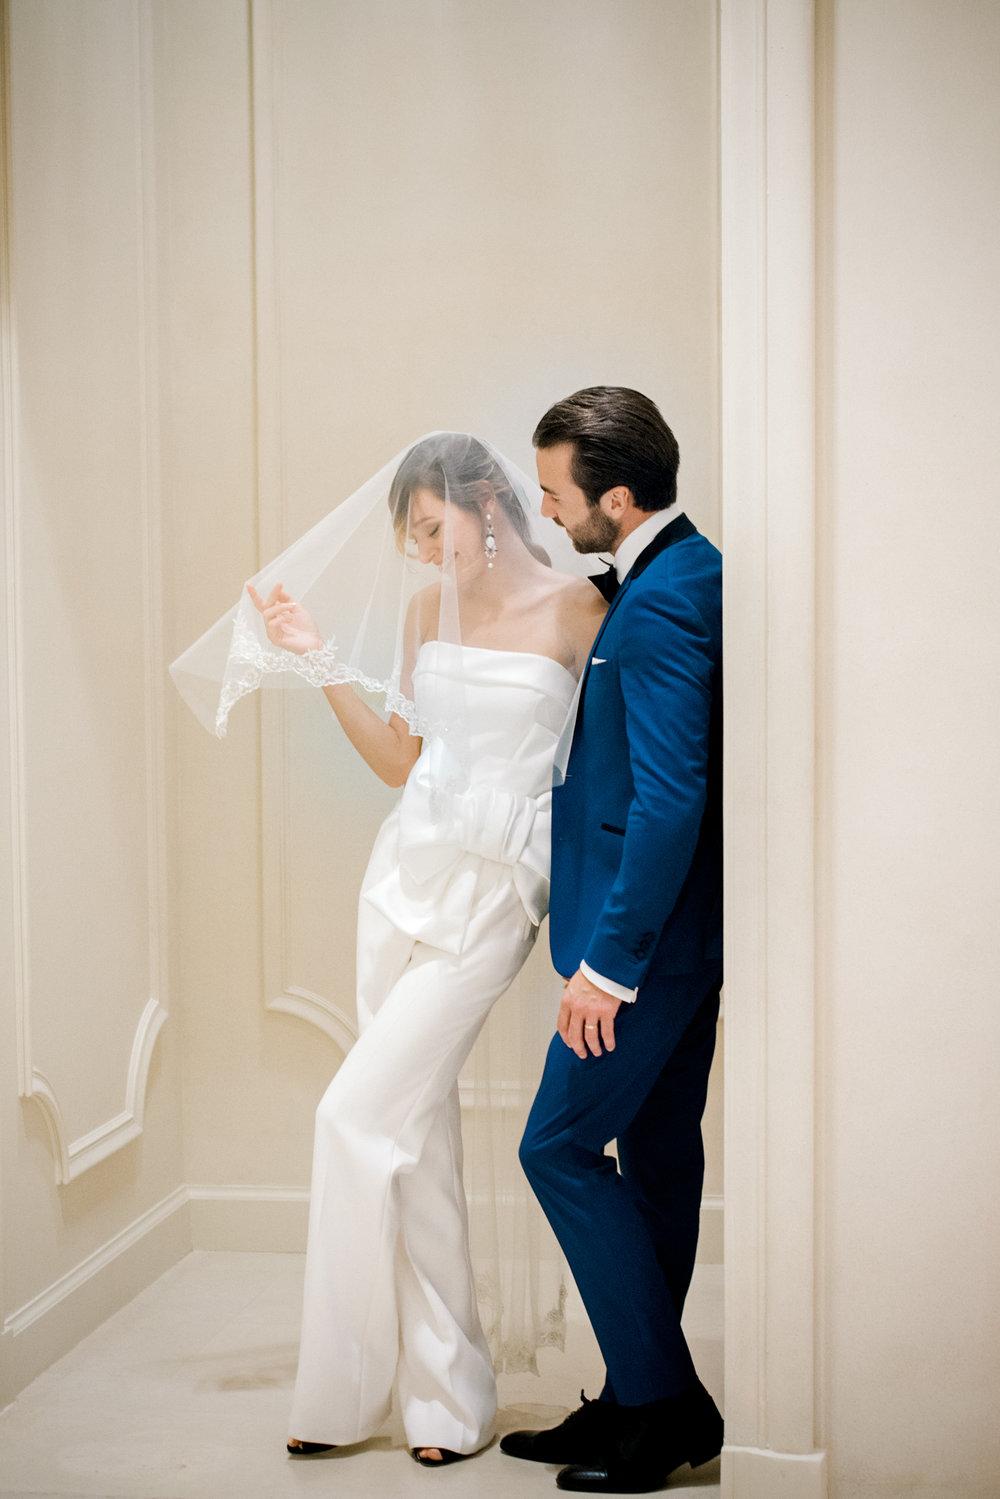 JacquelineAnnePhotography-Ritz Paris - new-4.jpg